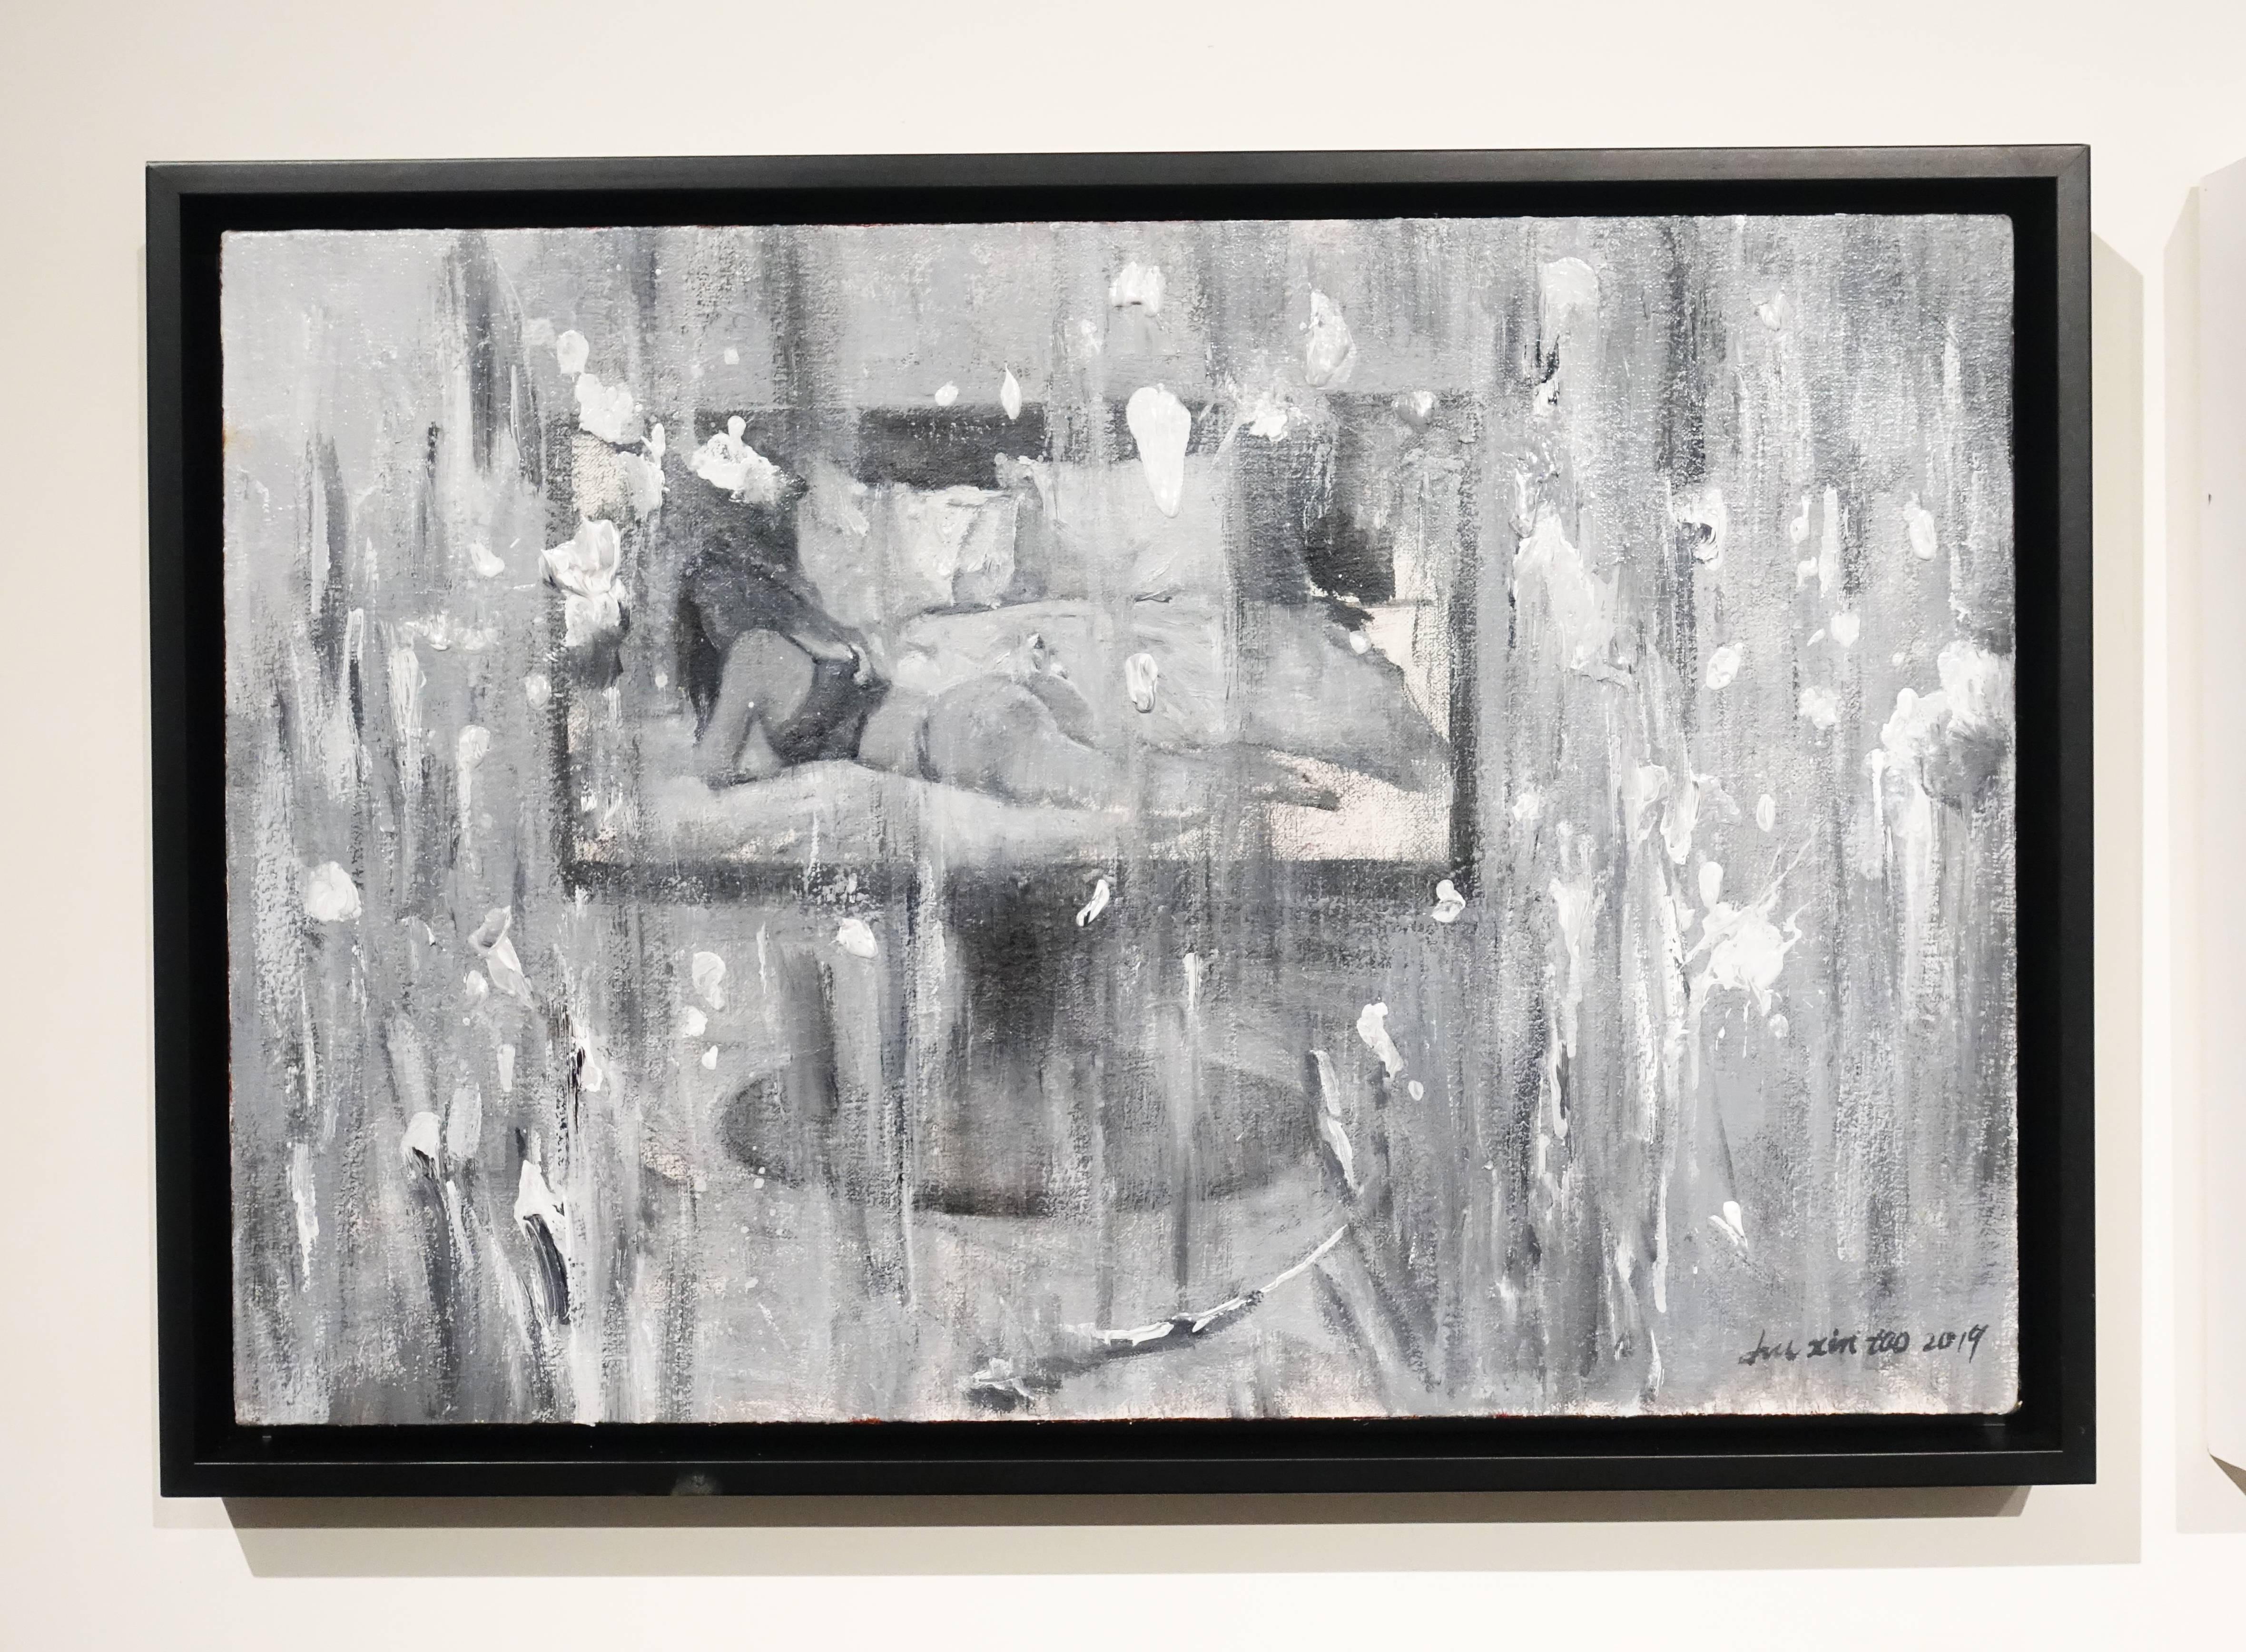 劉芯濤,《星期天》,40 x 60 cm,布面油畫,2019。